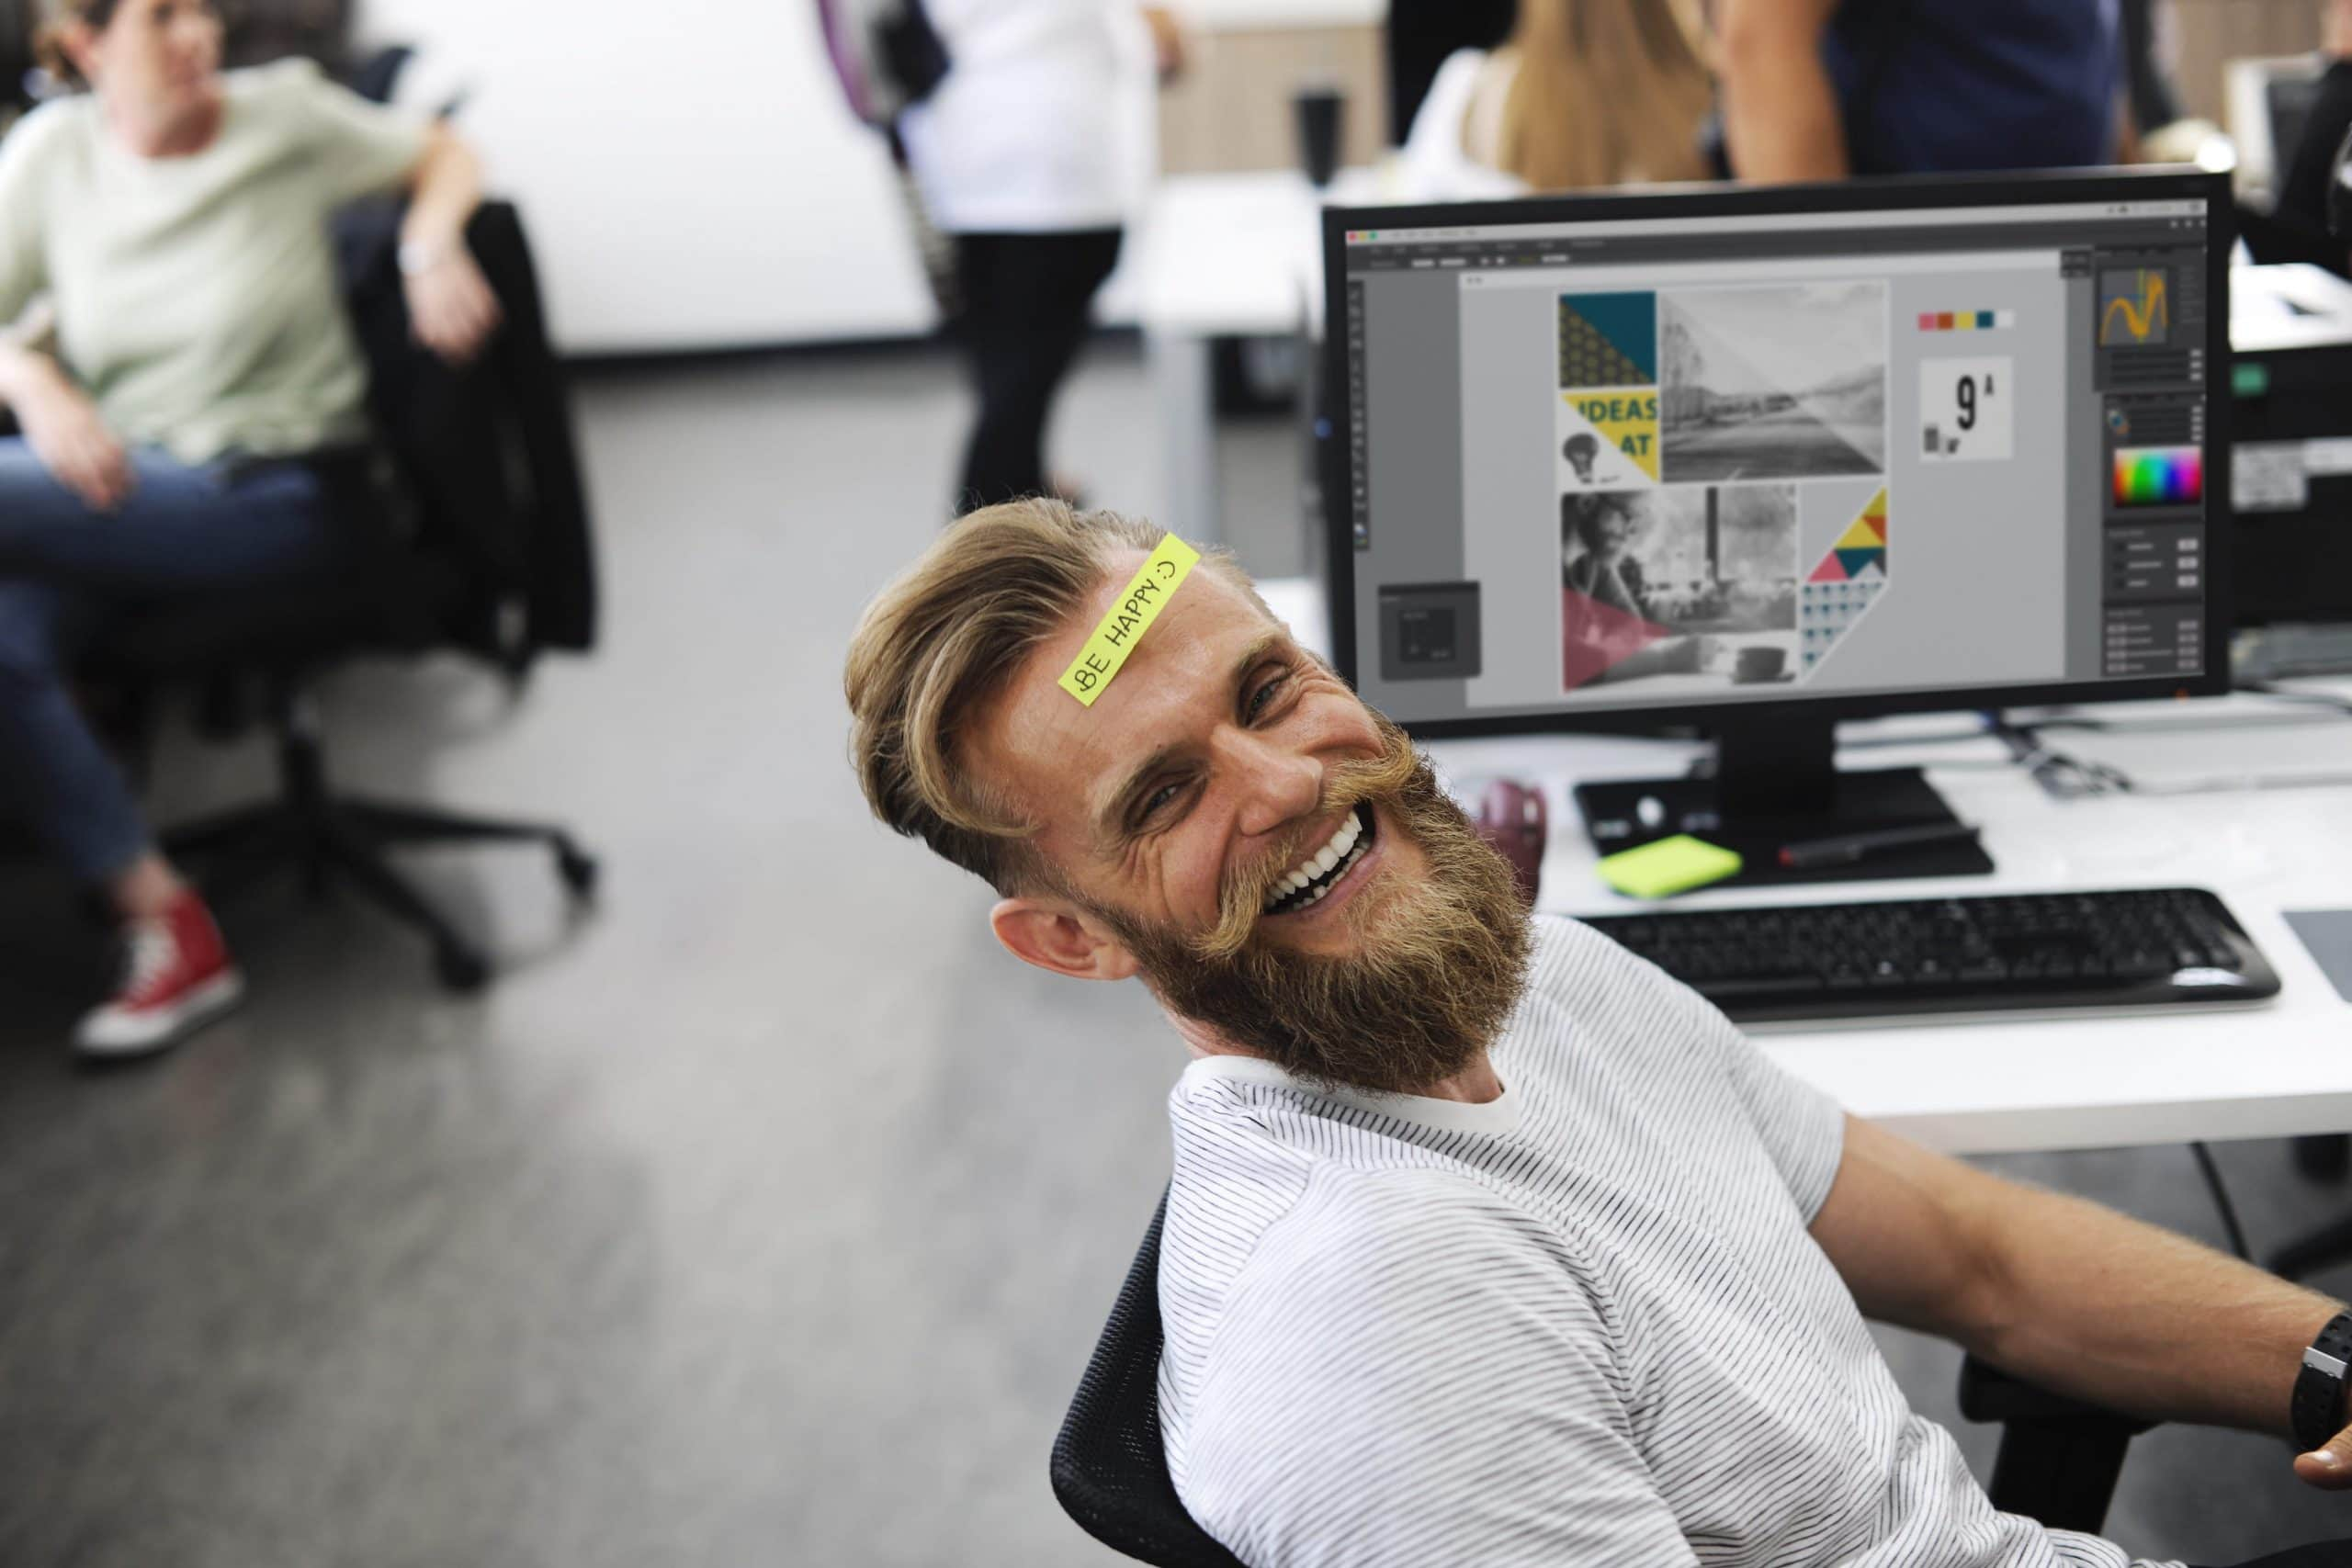 Mitarbeiter binden Maßnahmen: 7 Tipps zum sofort Umsetzen